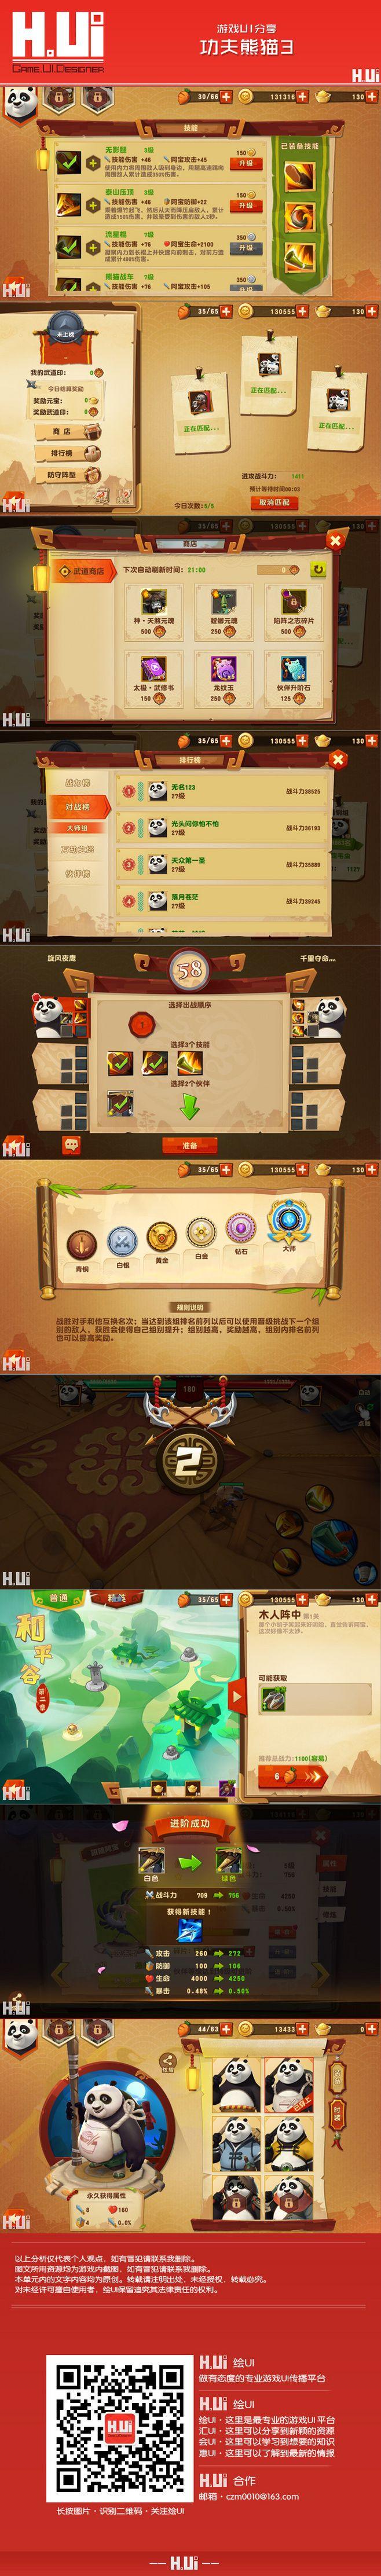 Кунг-фу Панда 3 руки игры пользовательский интерфейс ##